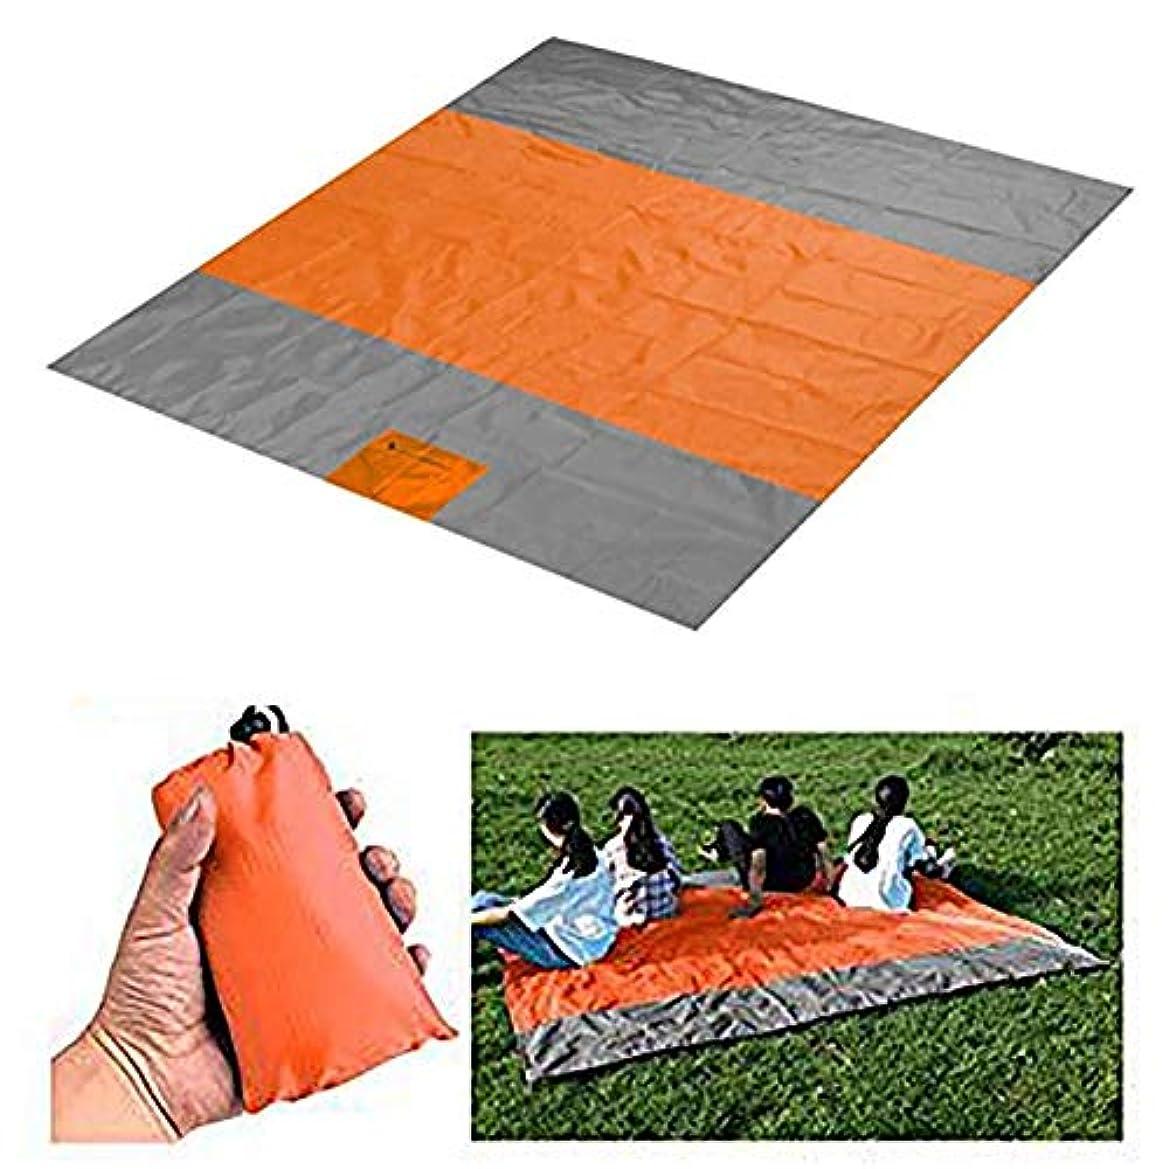 ダイバー賞賛不快なピクニックマット 軽量 厚手 折りたたみ 折り畳み式屋外用コンパクトポケットサンドプルーフビーチブランケット、ビーチ用、旅行、ハイキング、キャンプ、洗える